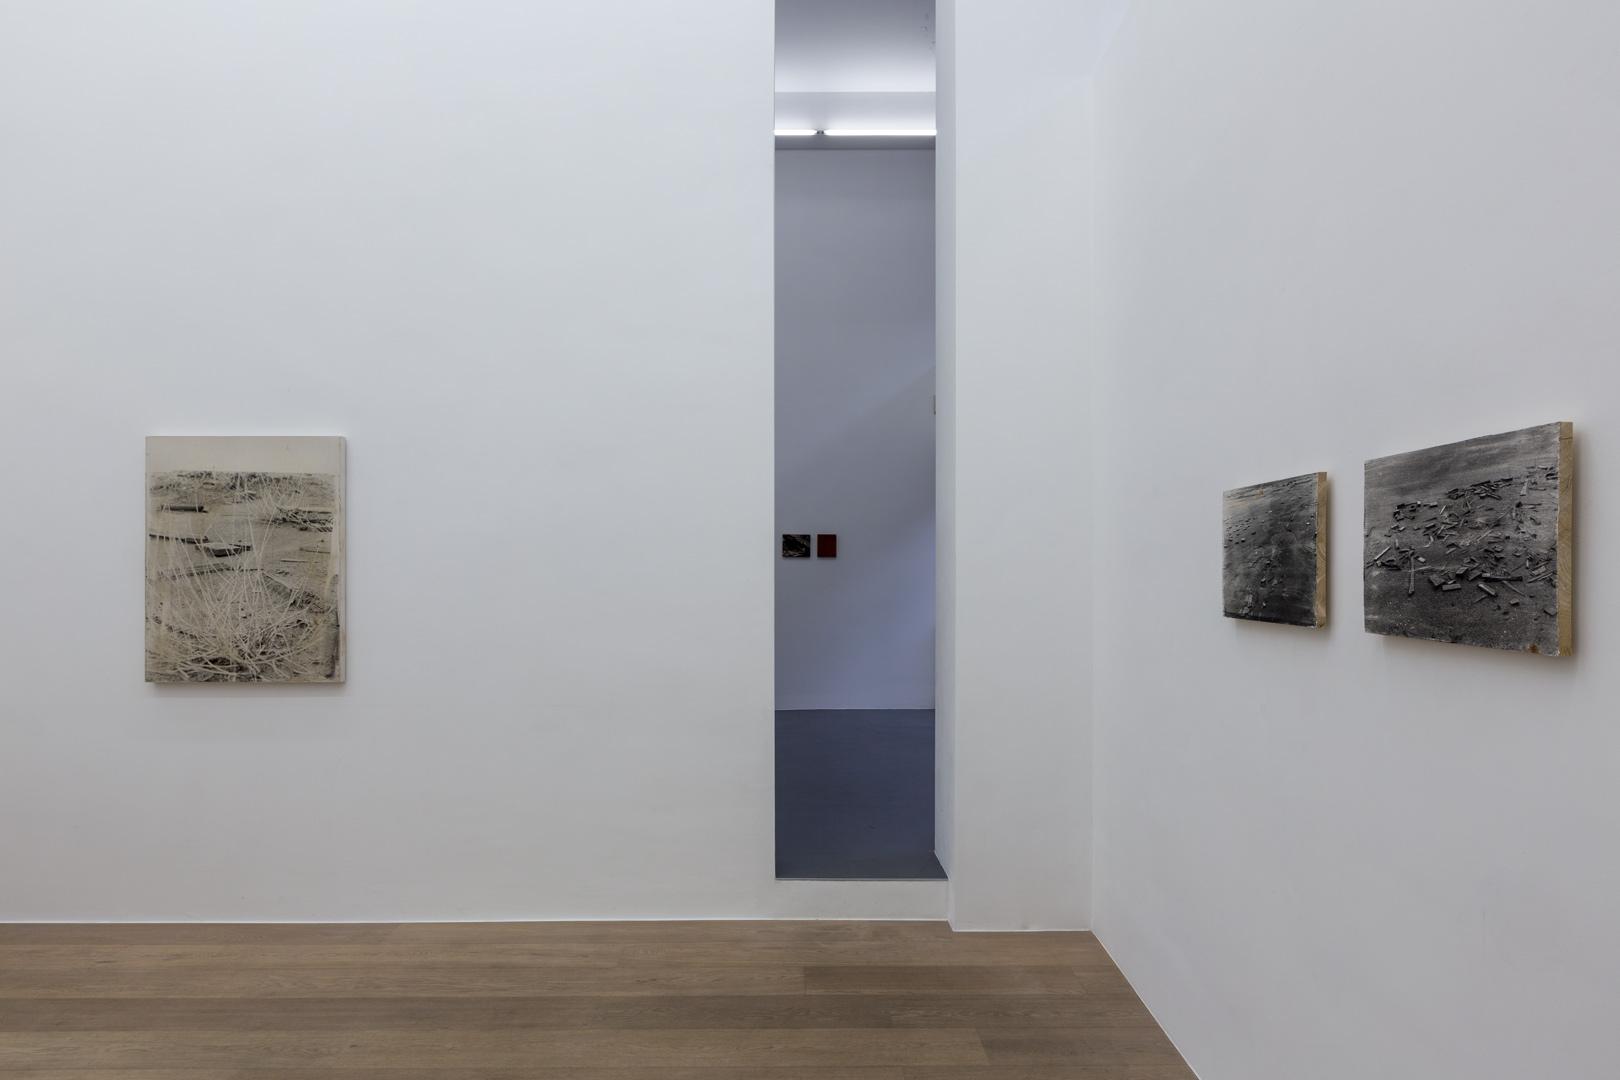 Lore Stessel. Kornalijn Exhibition view. Room 2